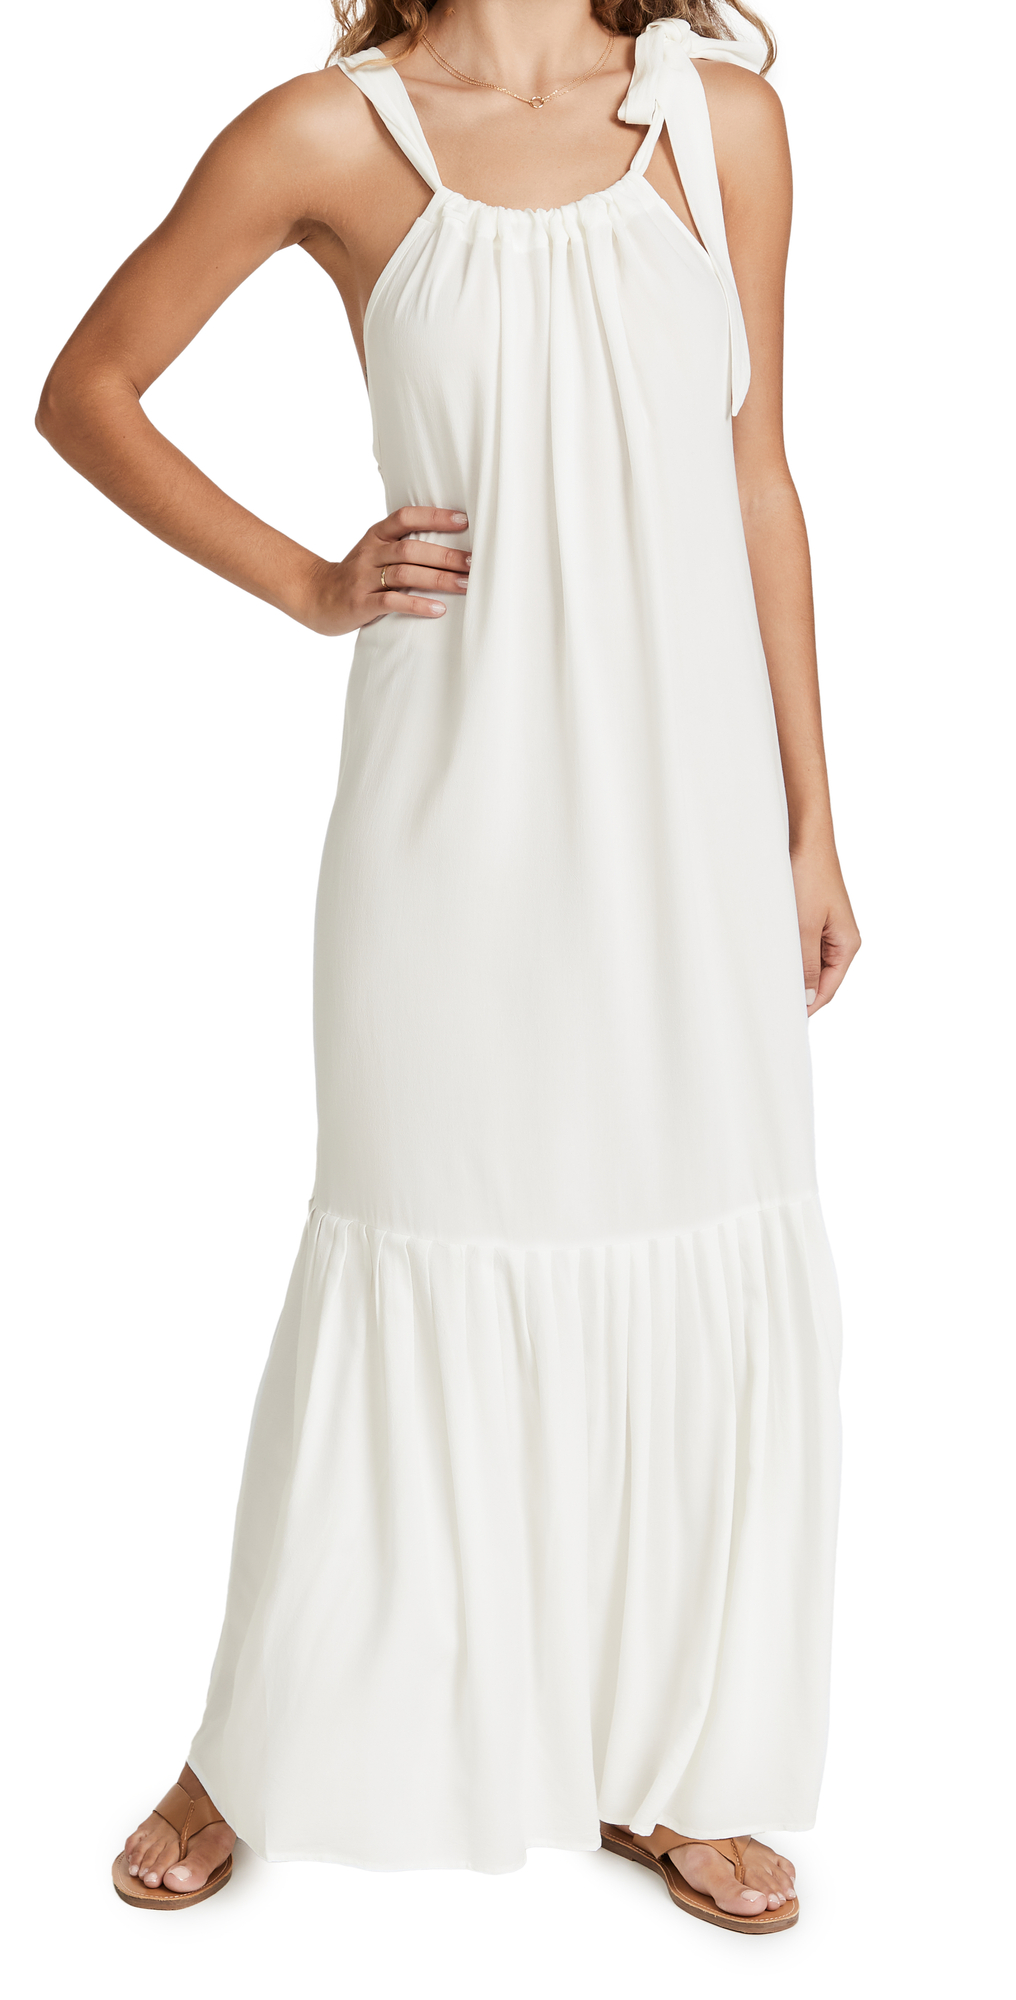 Gnoor Dress